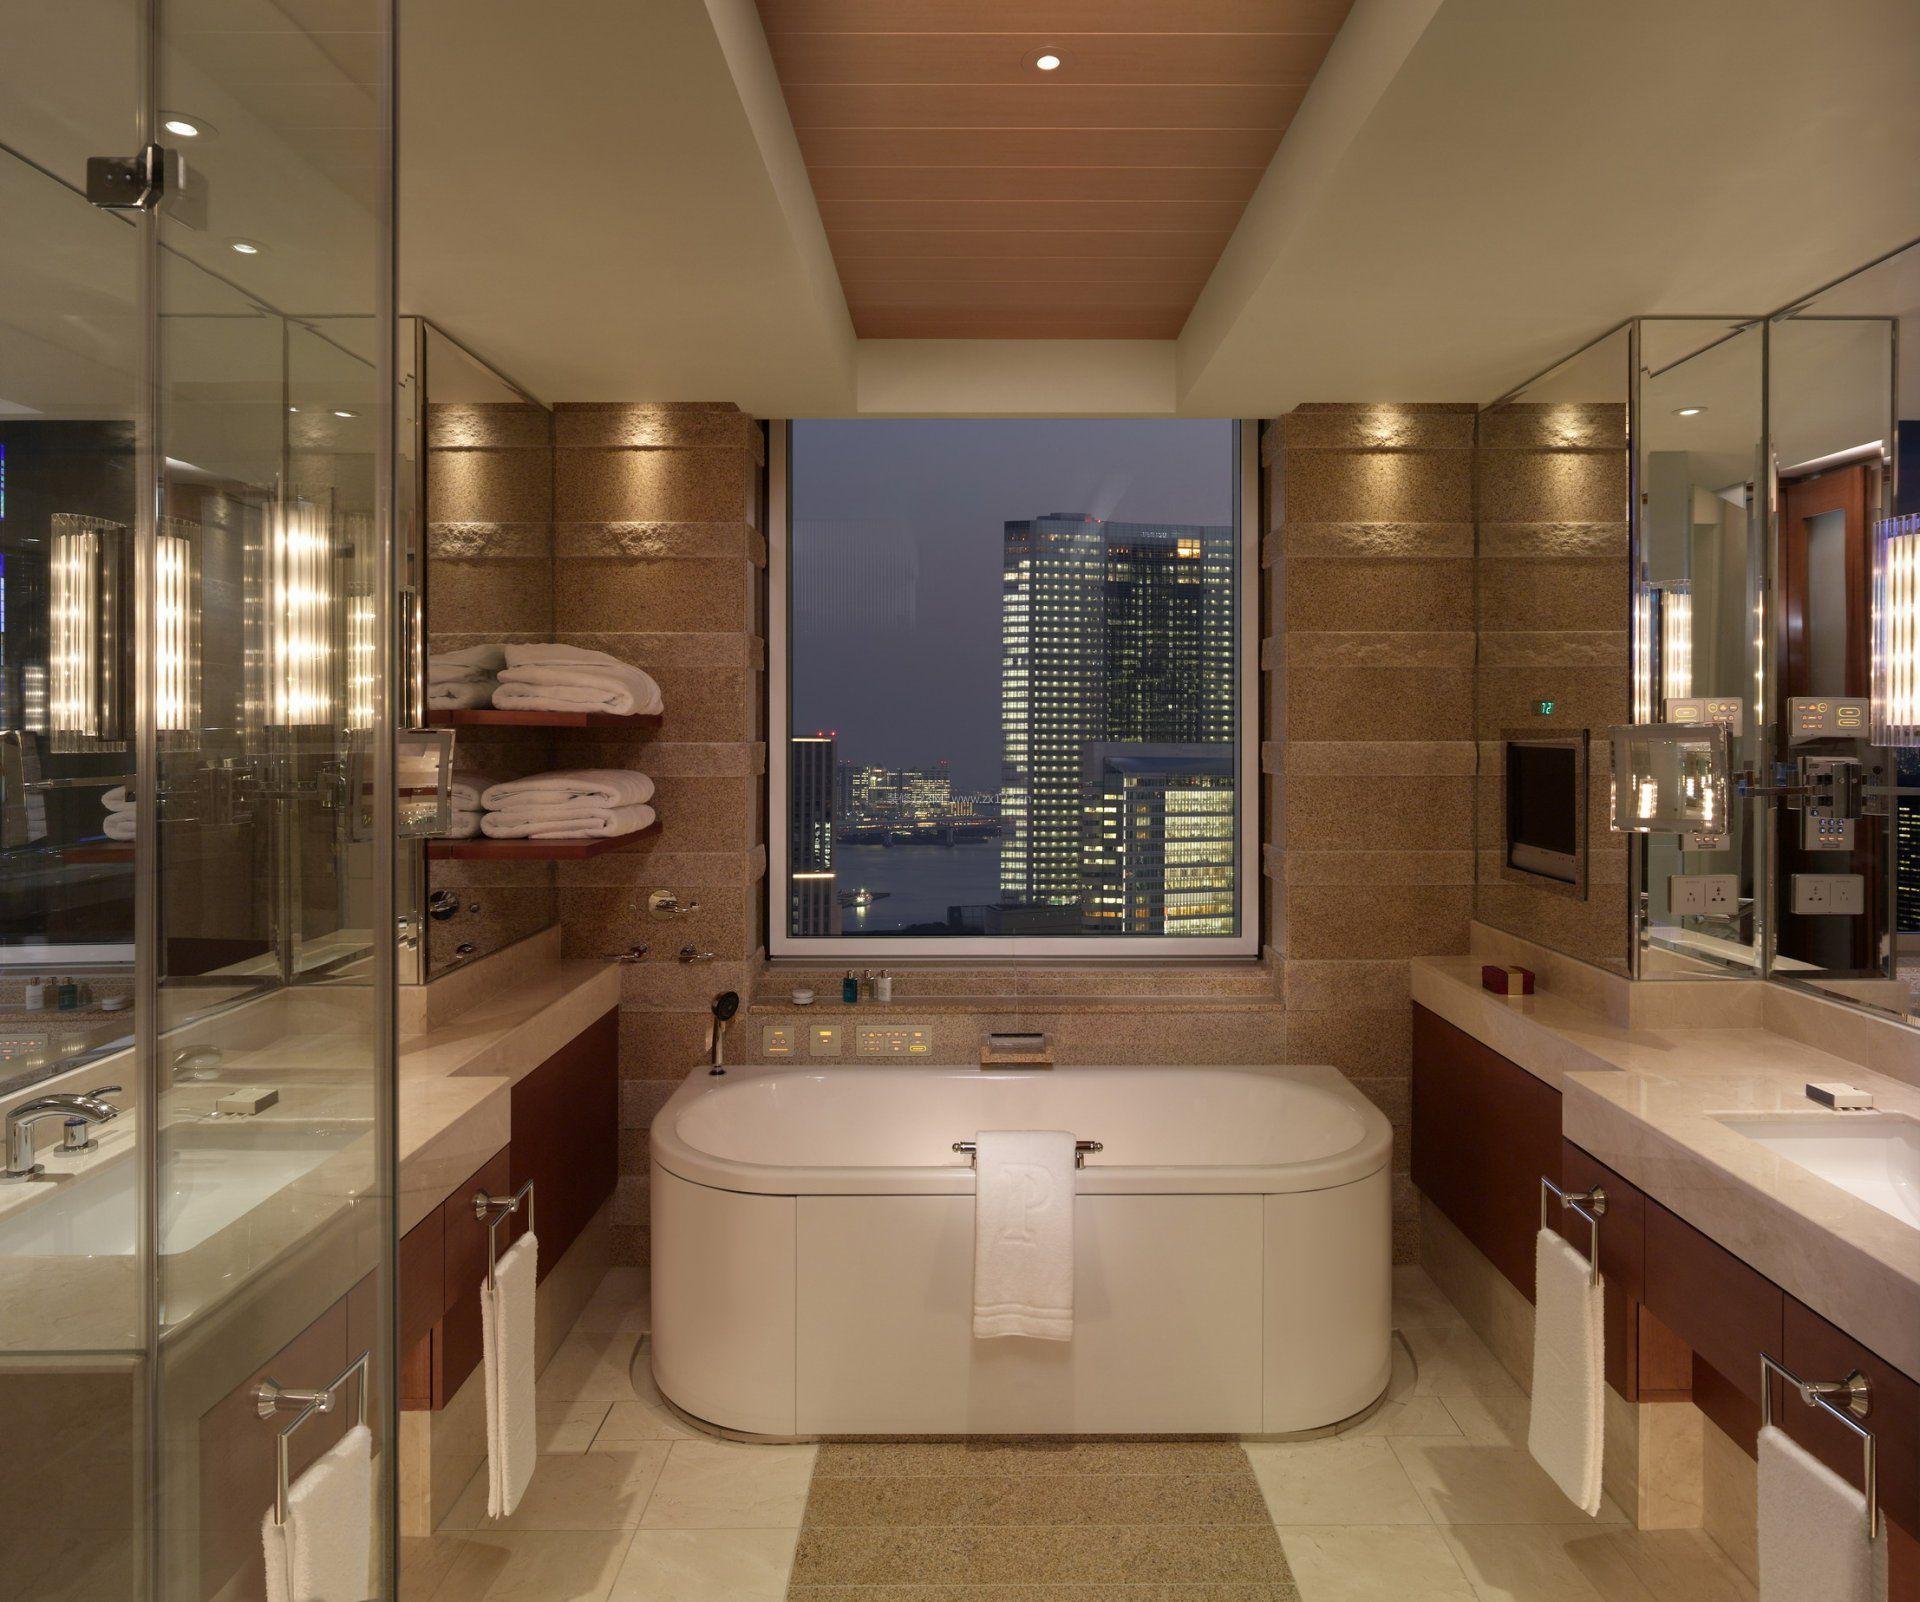 高档酒店室内整体浴室装修效果图片